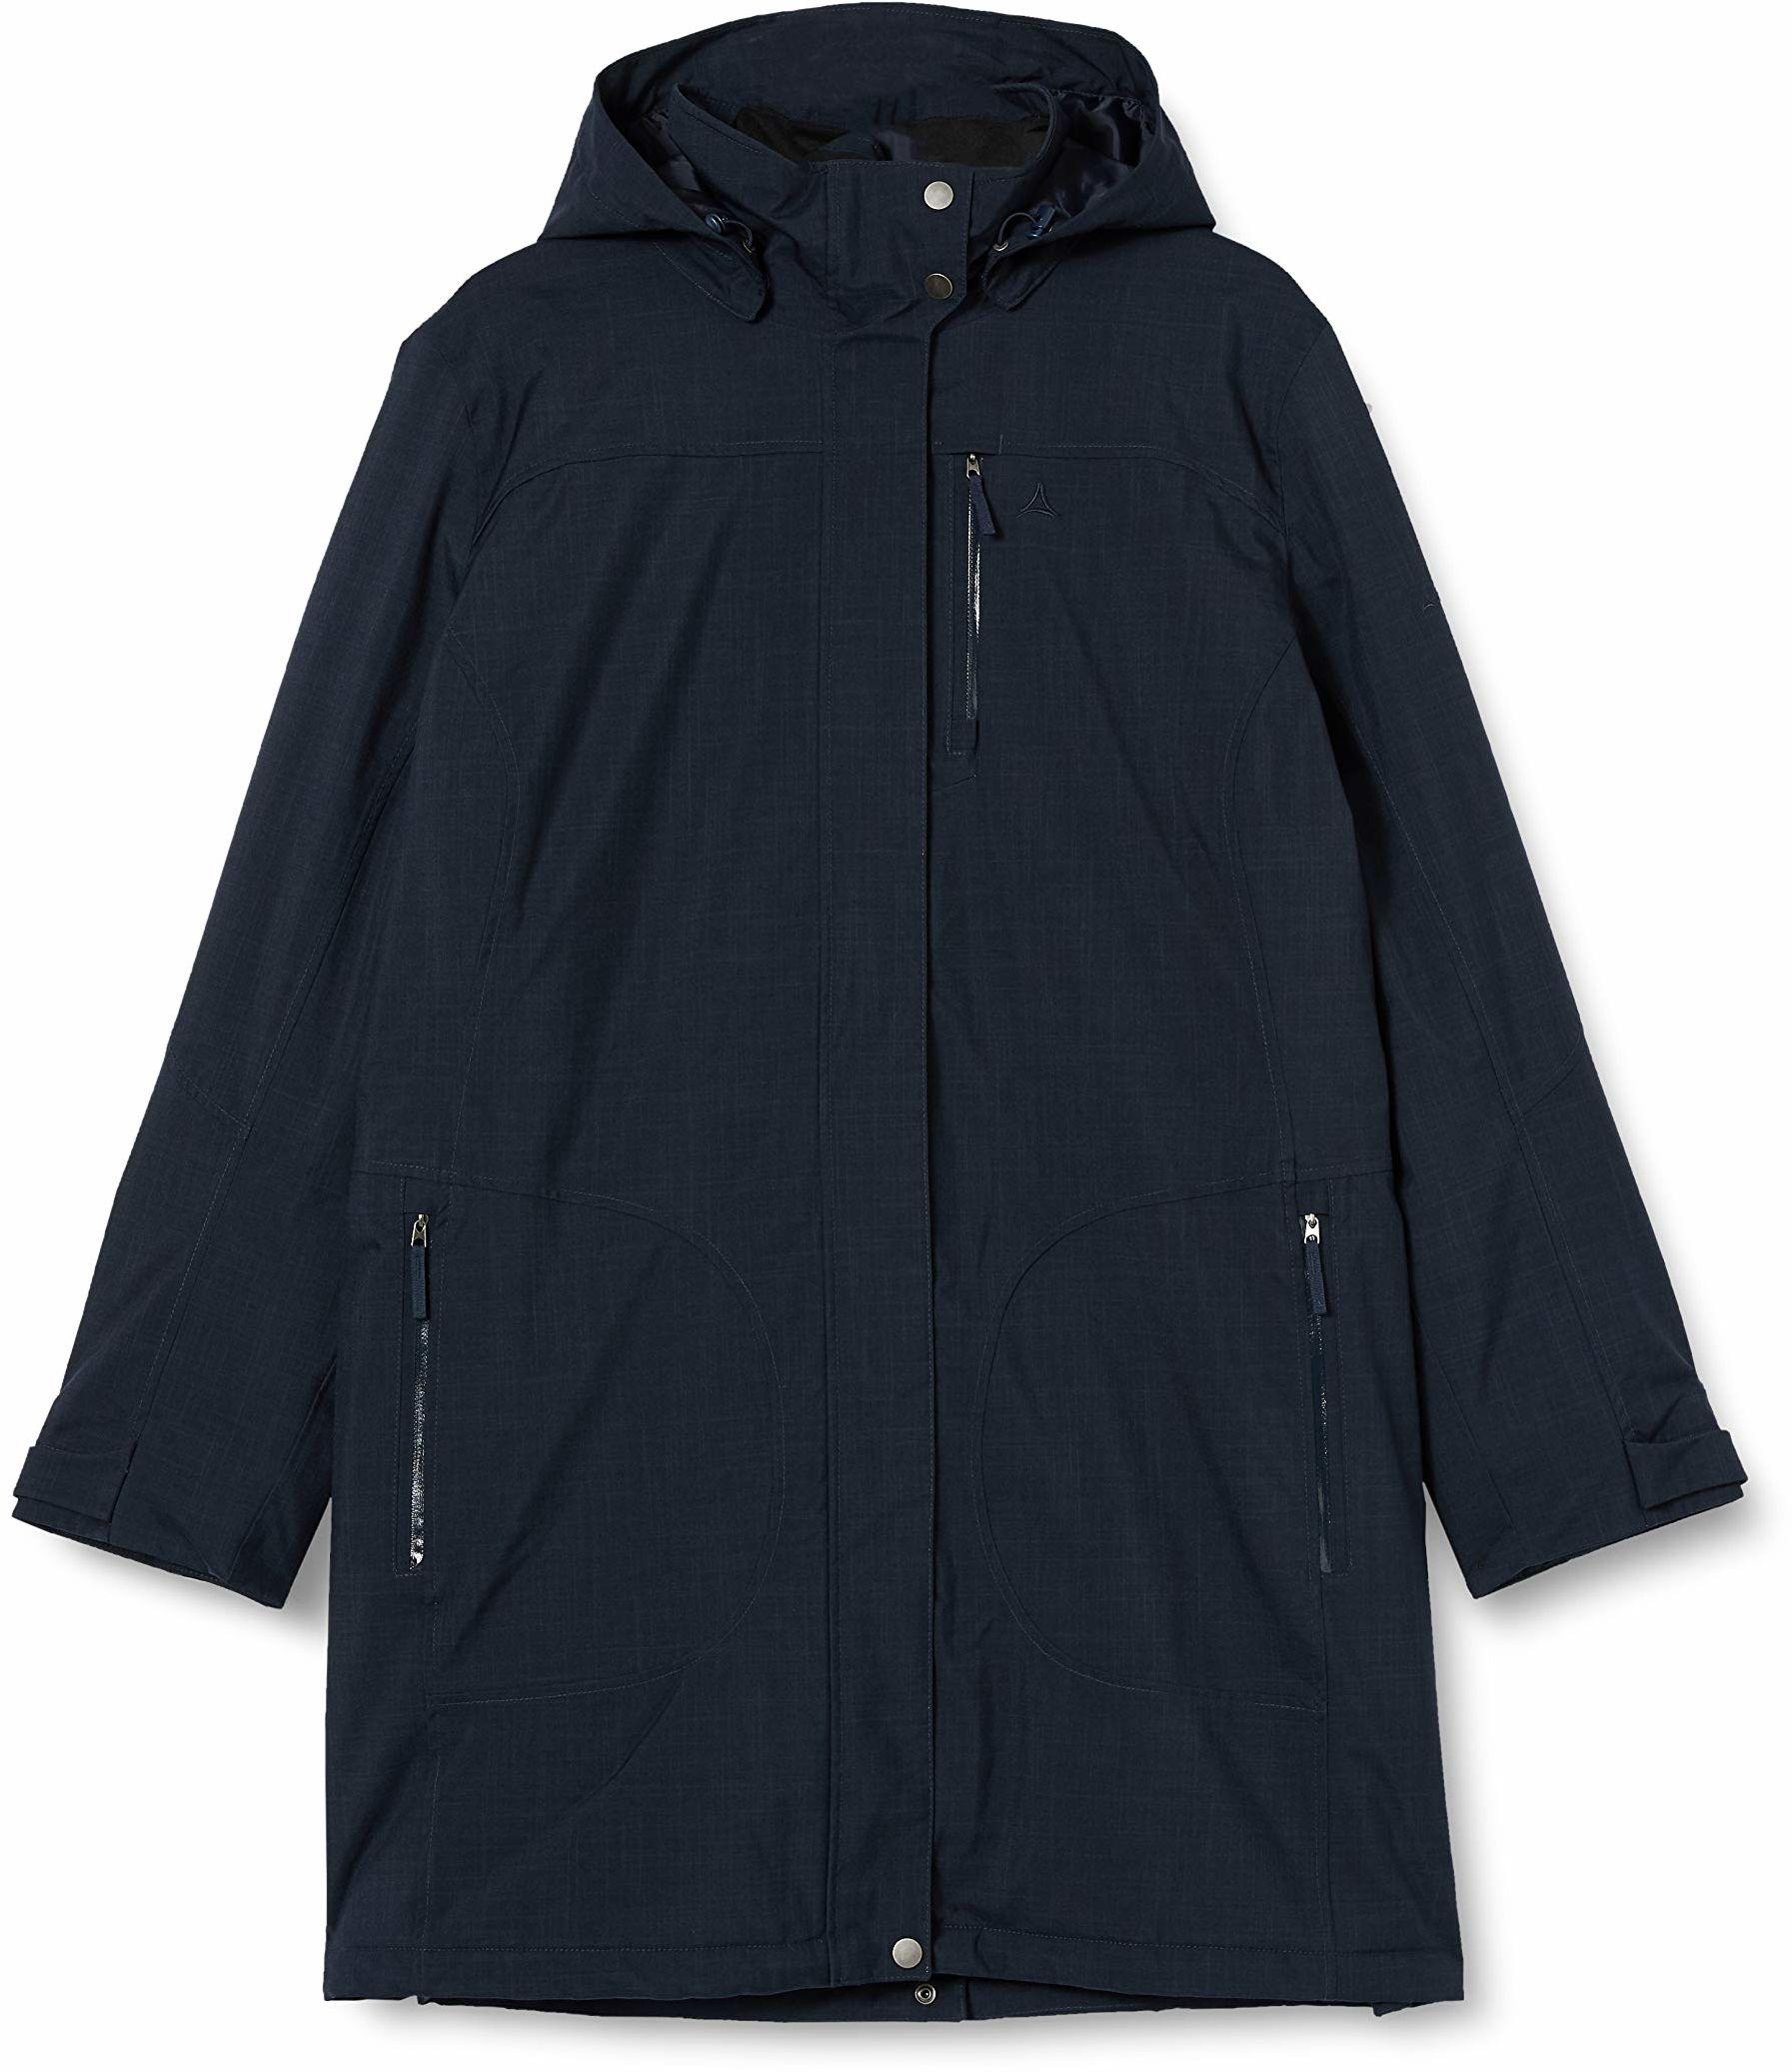 Schöffel kurtka damska z izolacją Parka Monterey1, nocny niebieski, rozmiar 48